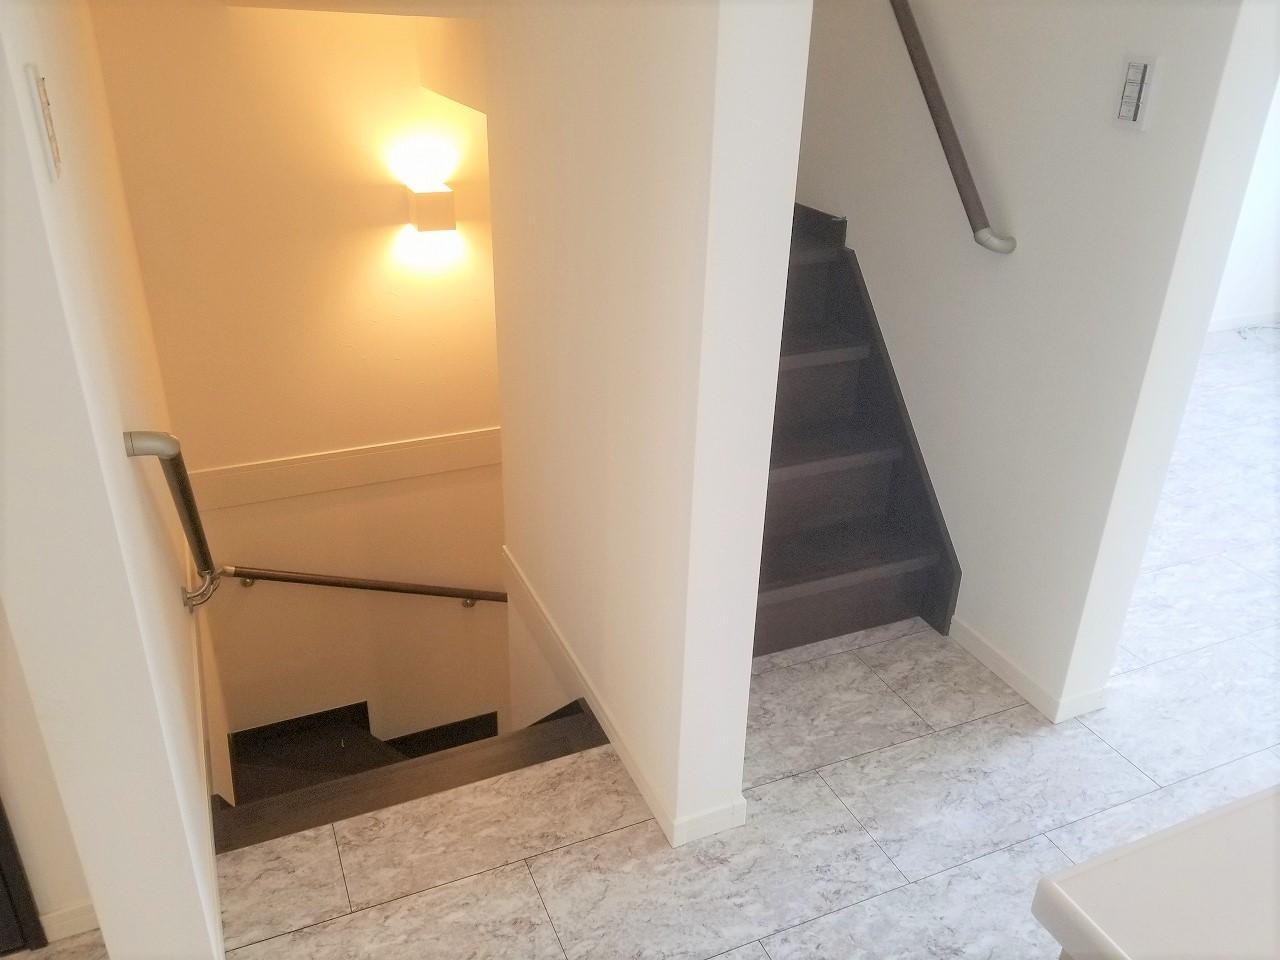 シックな照明を付けた階段は手すりを設置して安全に使えるようにしています(ル・メイユール他物件施工例)